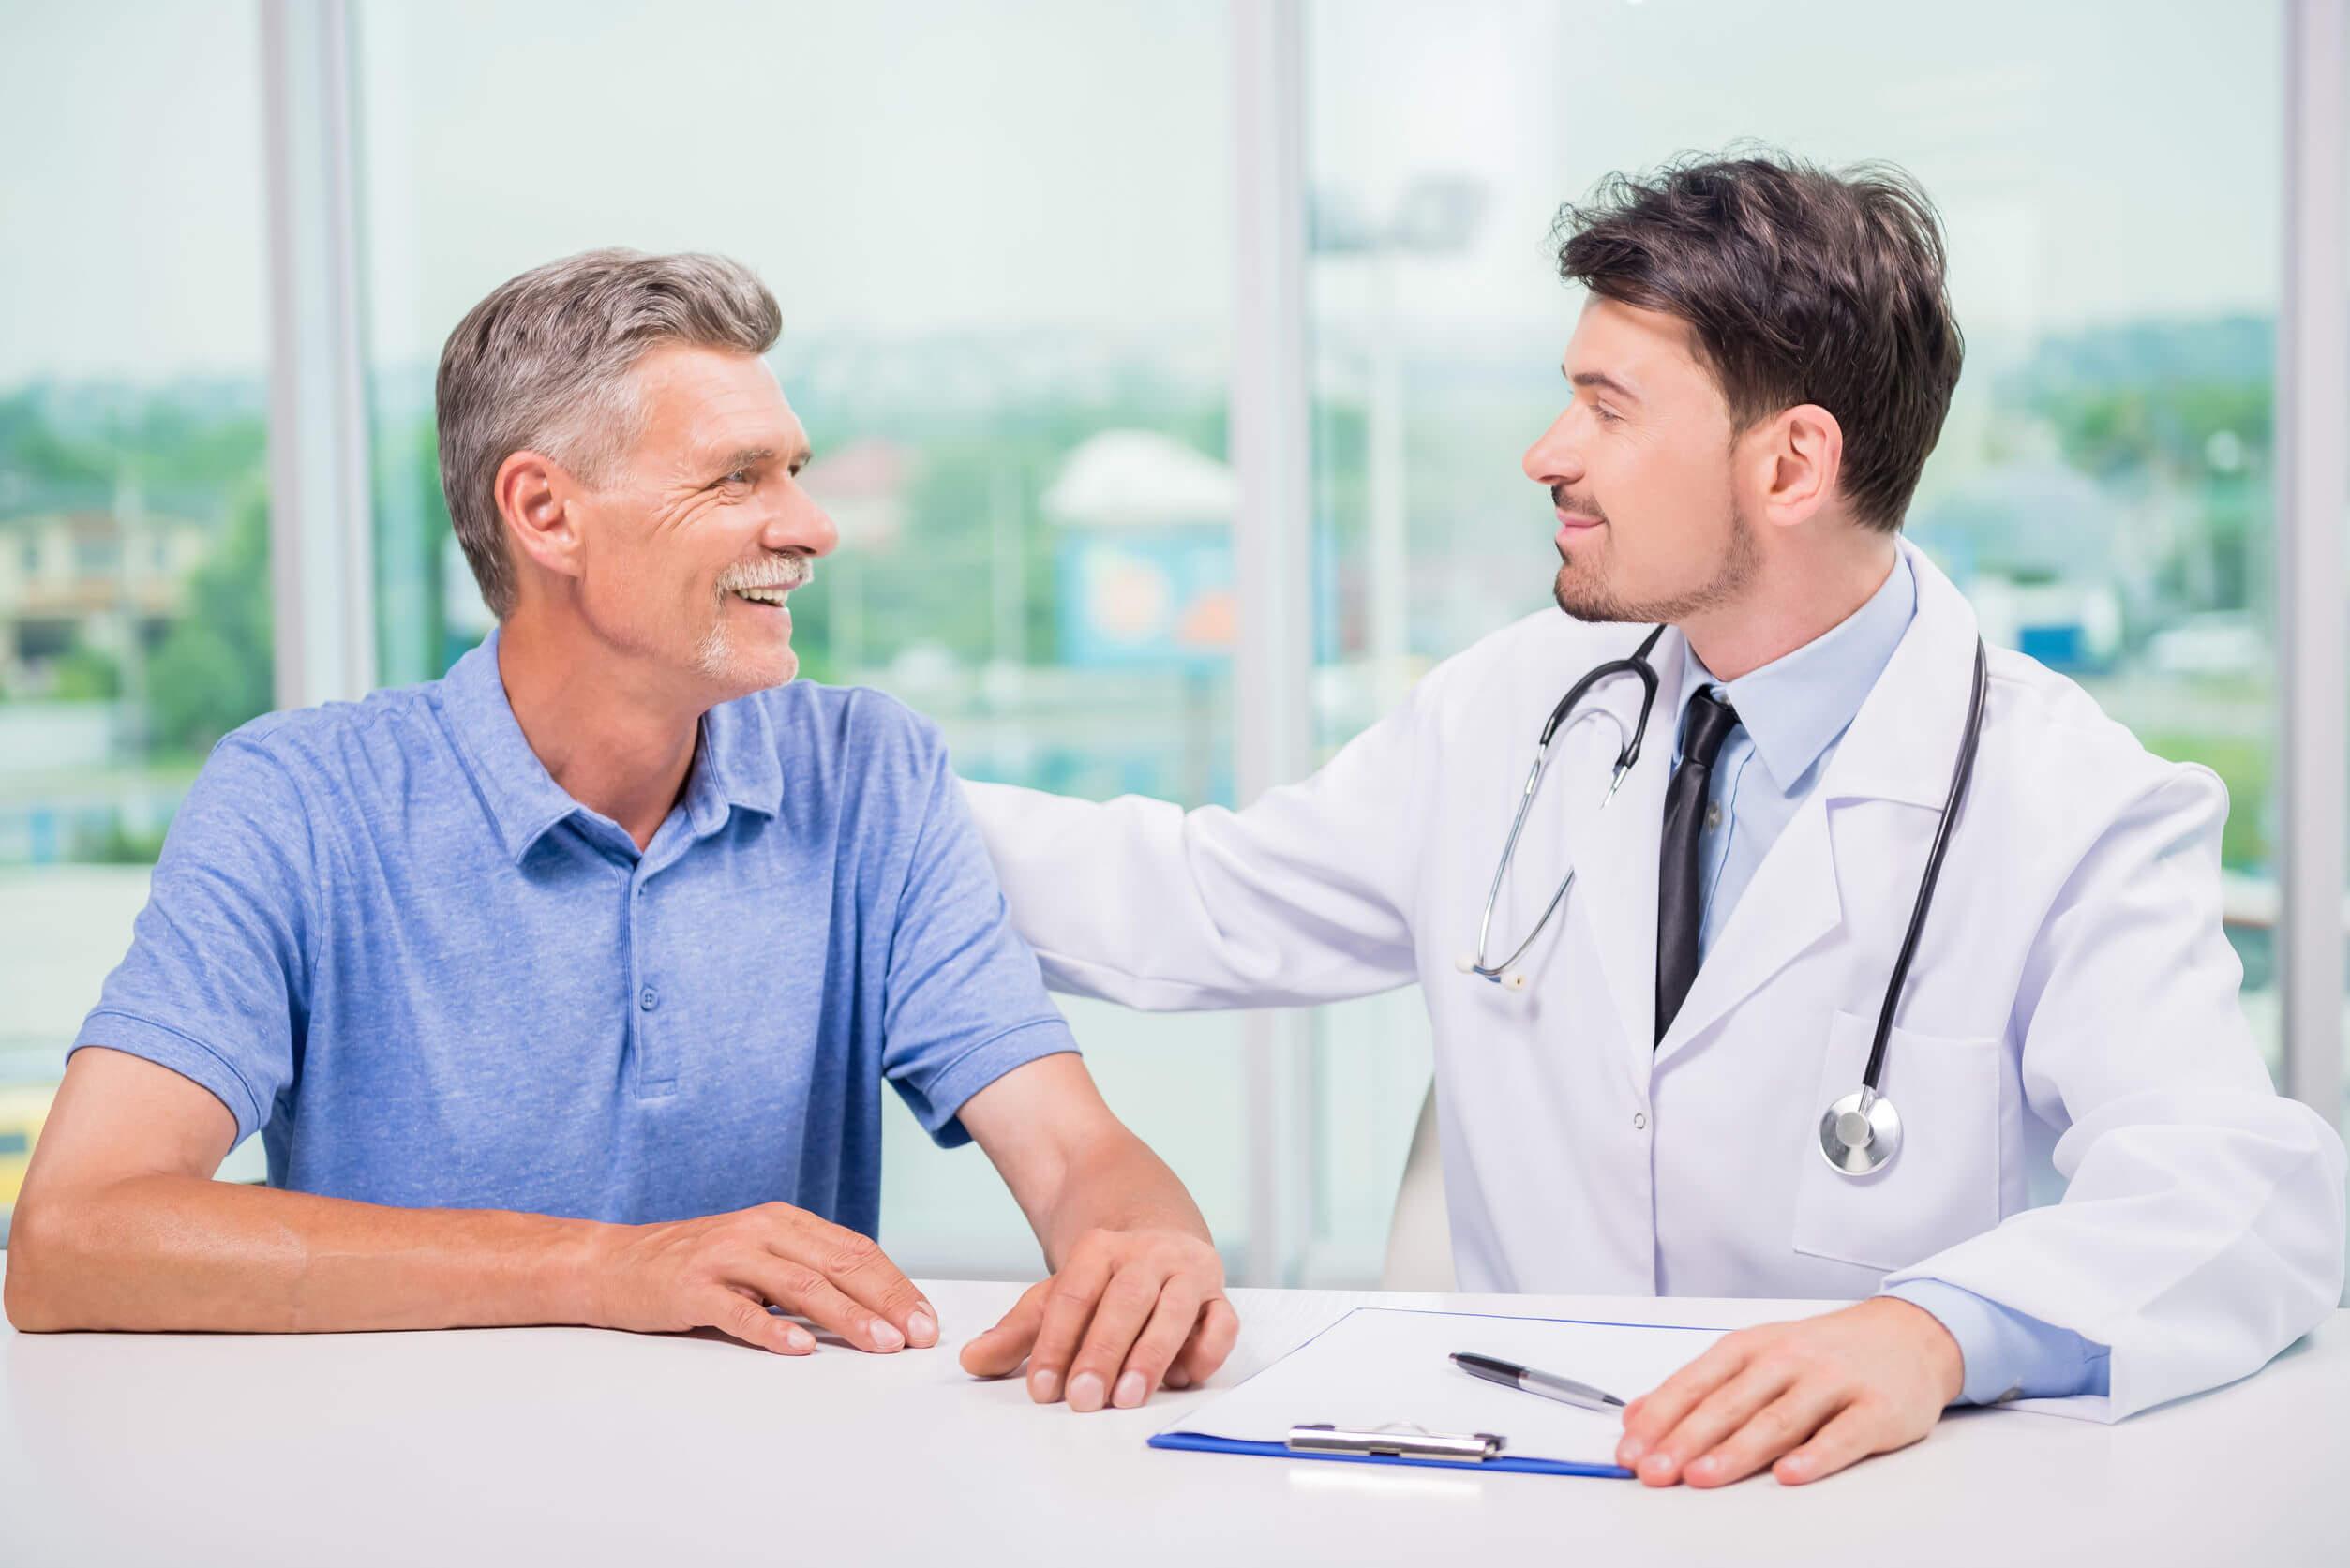 El benazepril solo es indicado por médicos.